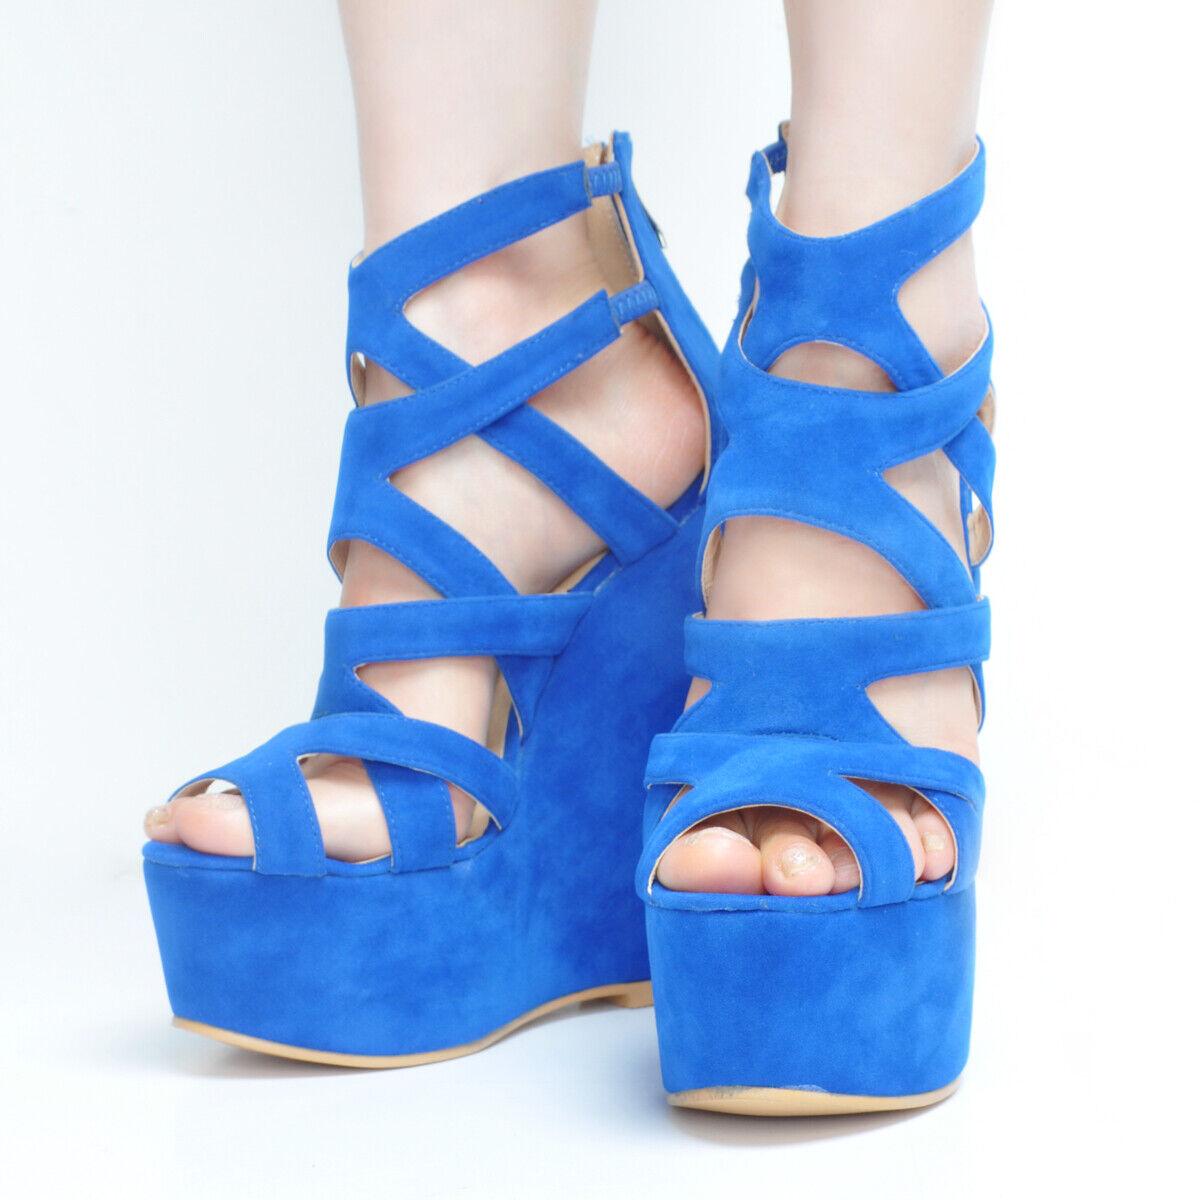 Femmes talons compenses sandales sandales sandales Escarpins Plateforme Talons Hauts creux en Daim Synthétique Chaussures Taille Plus  différentes tailles